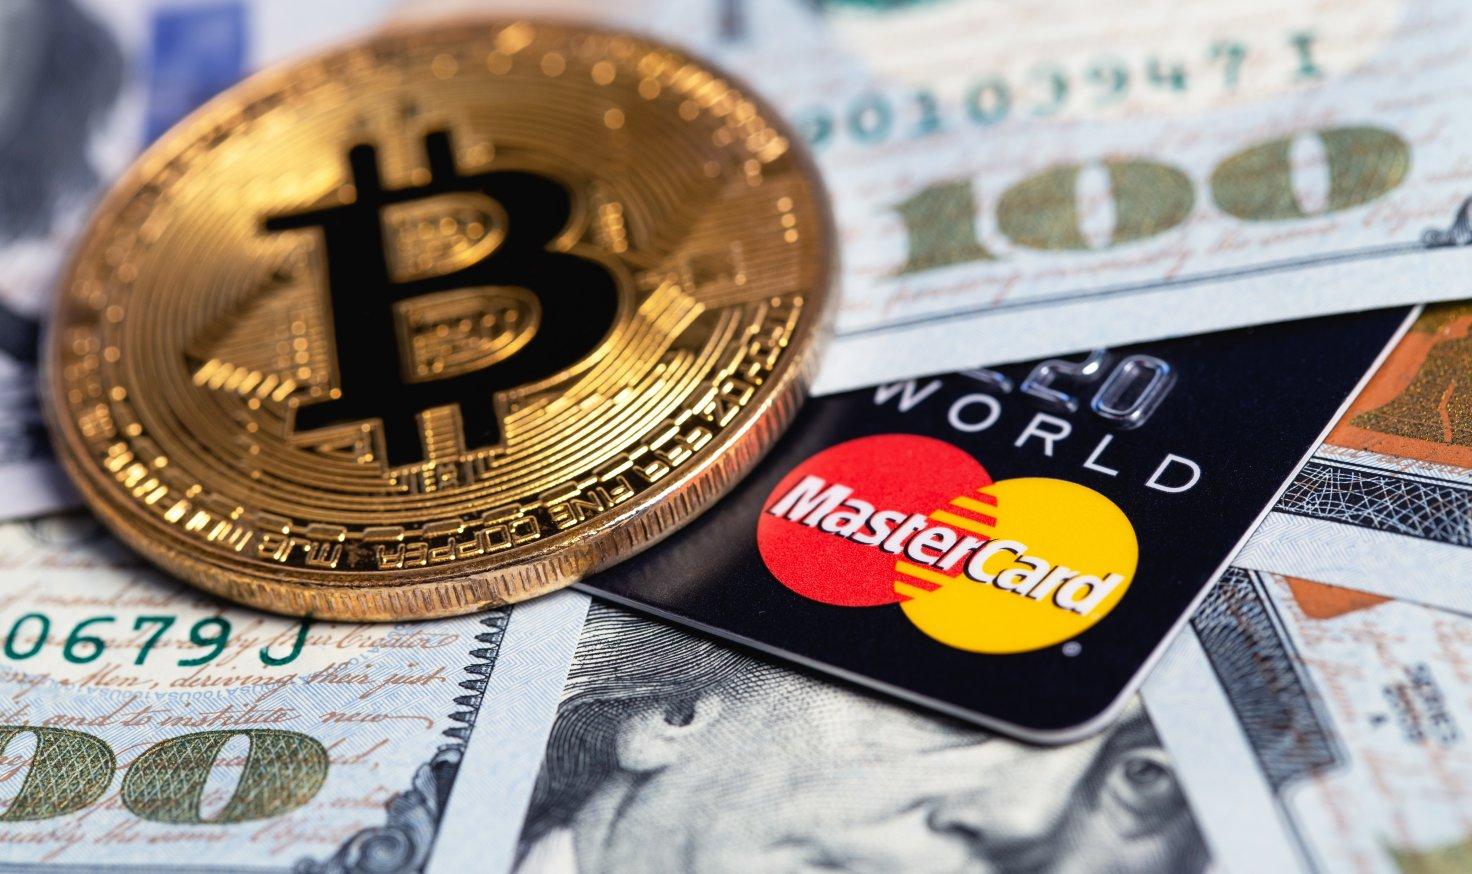 Mastercard chuẩn bị ra mắt một số dịch vụ liên quan tới tiền điện tử. Ảnh: cryptonews